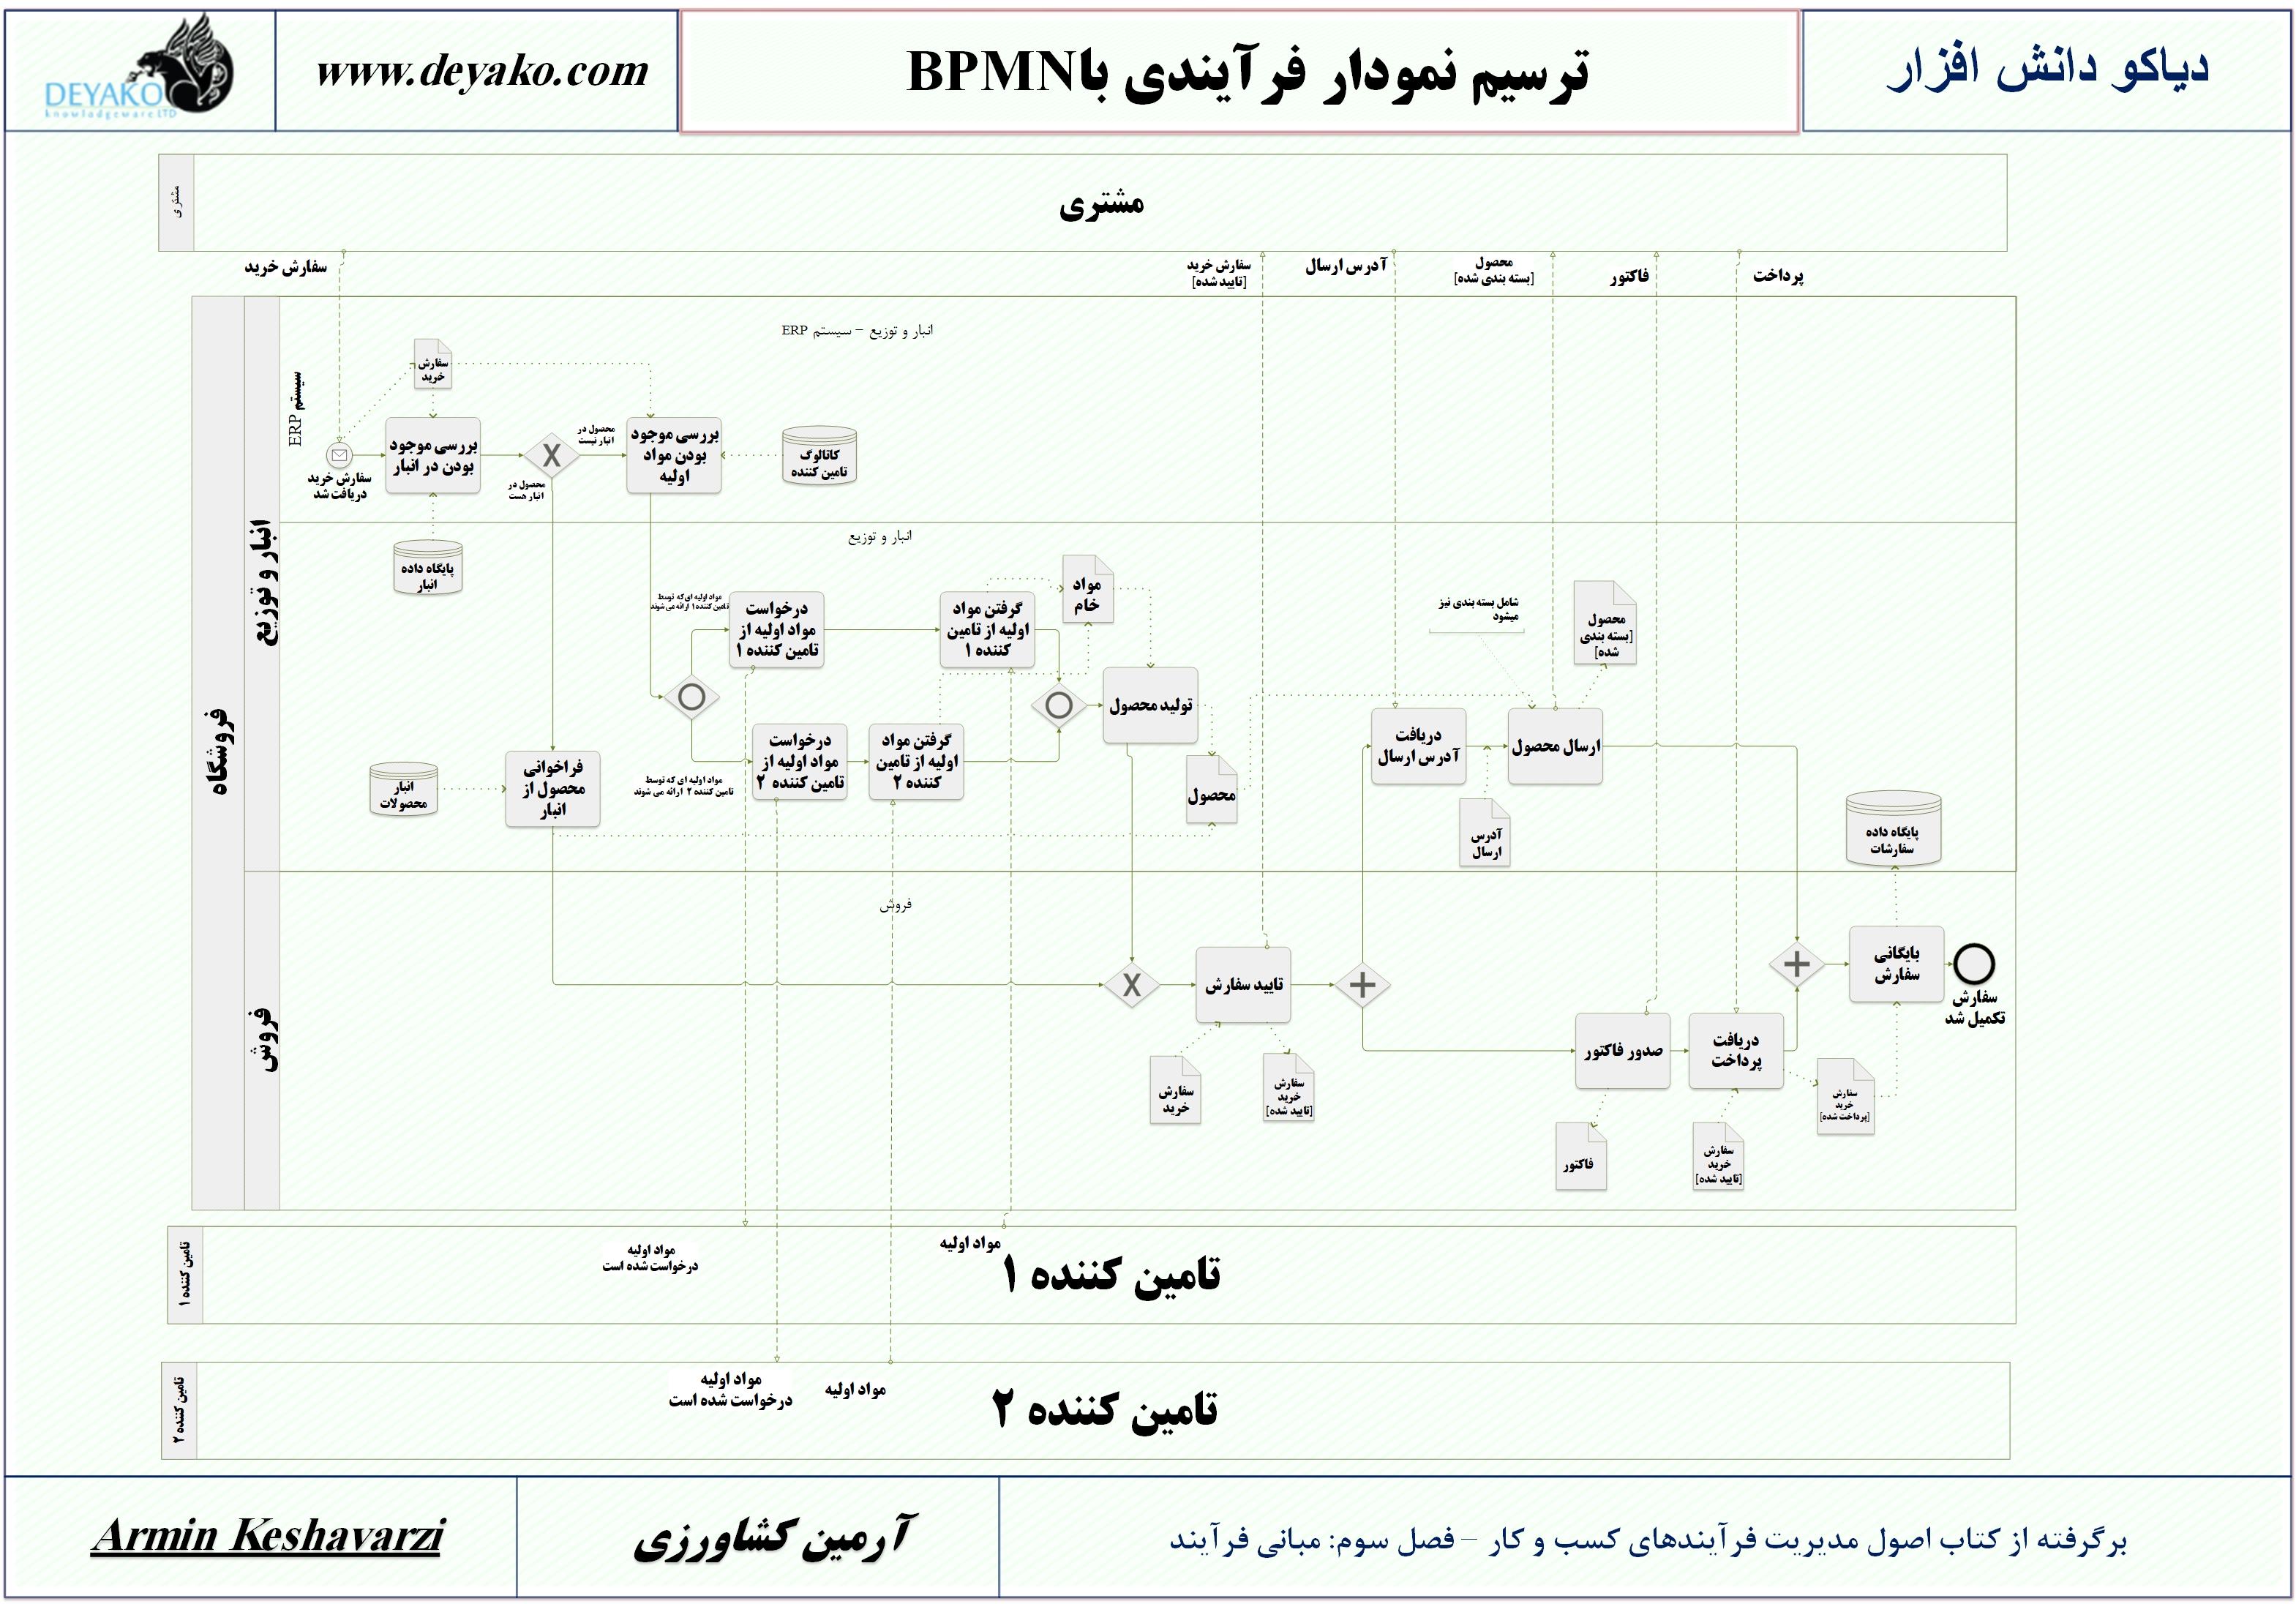 مقدمه ای بر BPMN